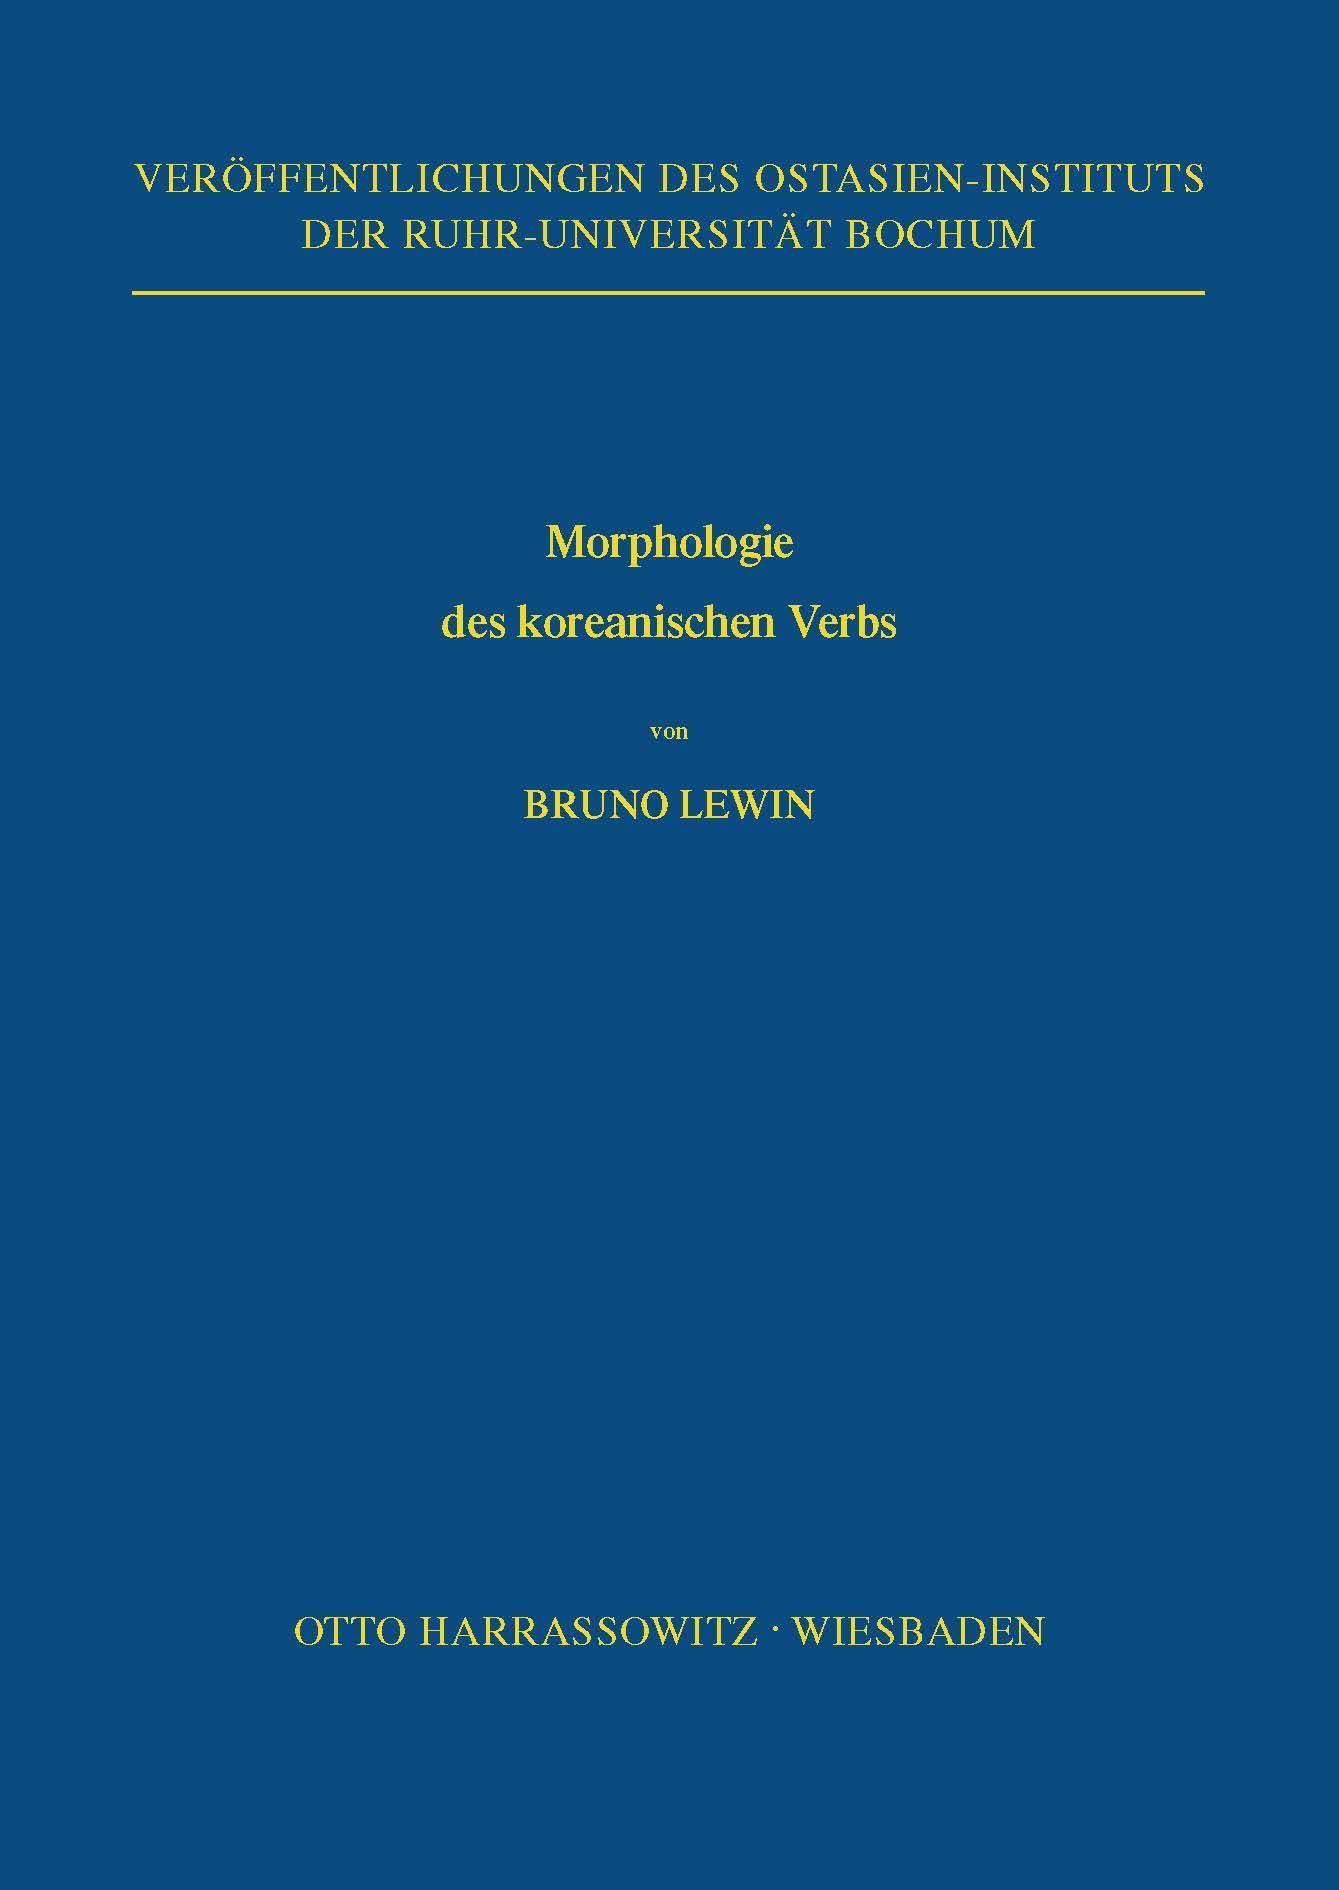 Lewin, B: Morphologie des koreanischen Verbs - Lewin, Bruno